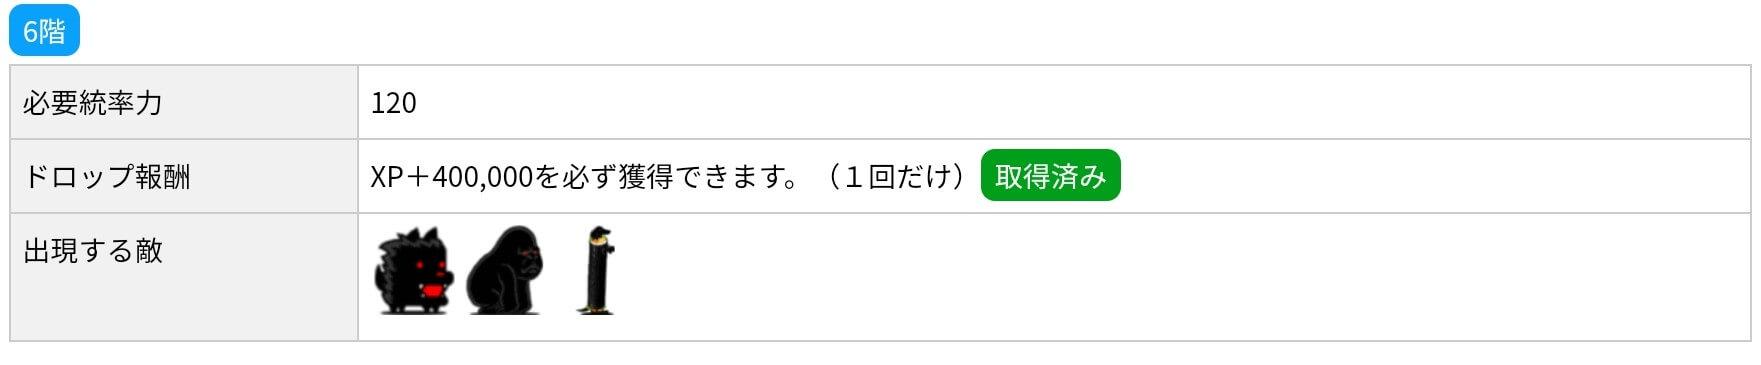 にゃんこ別塔(黒)6階 敵編成